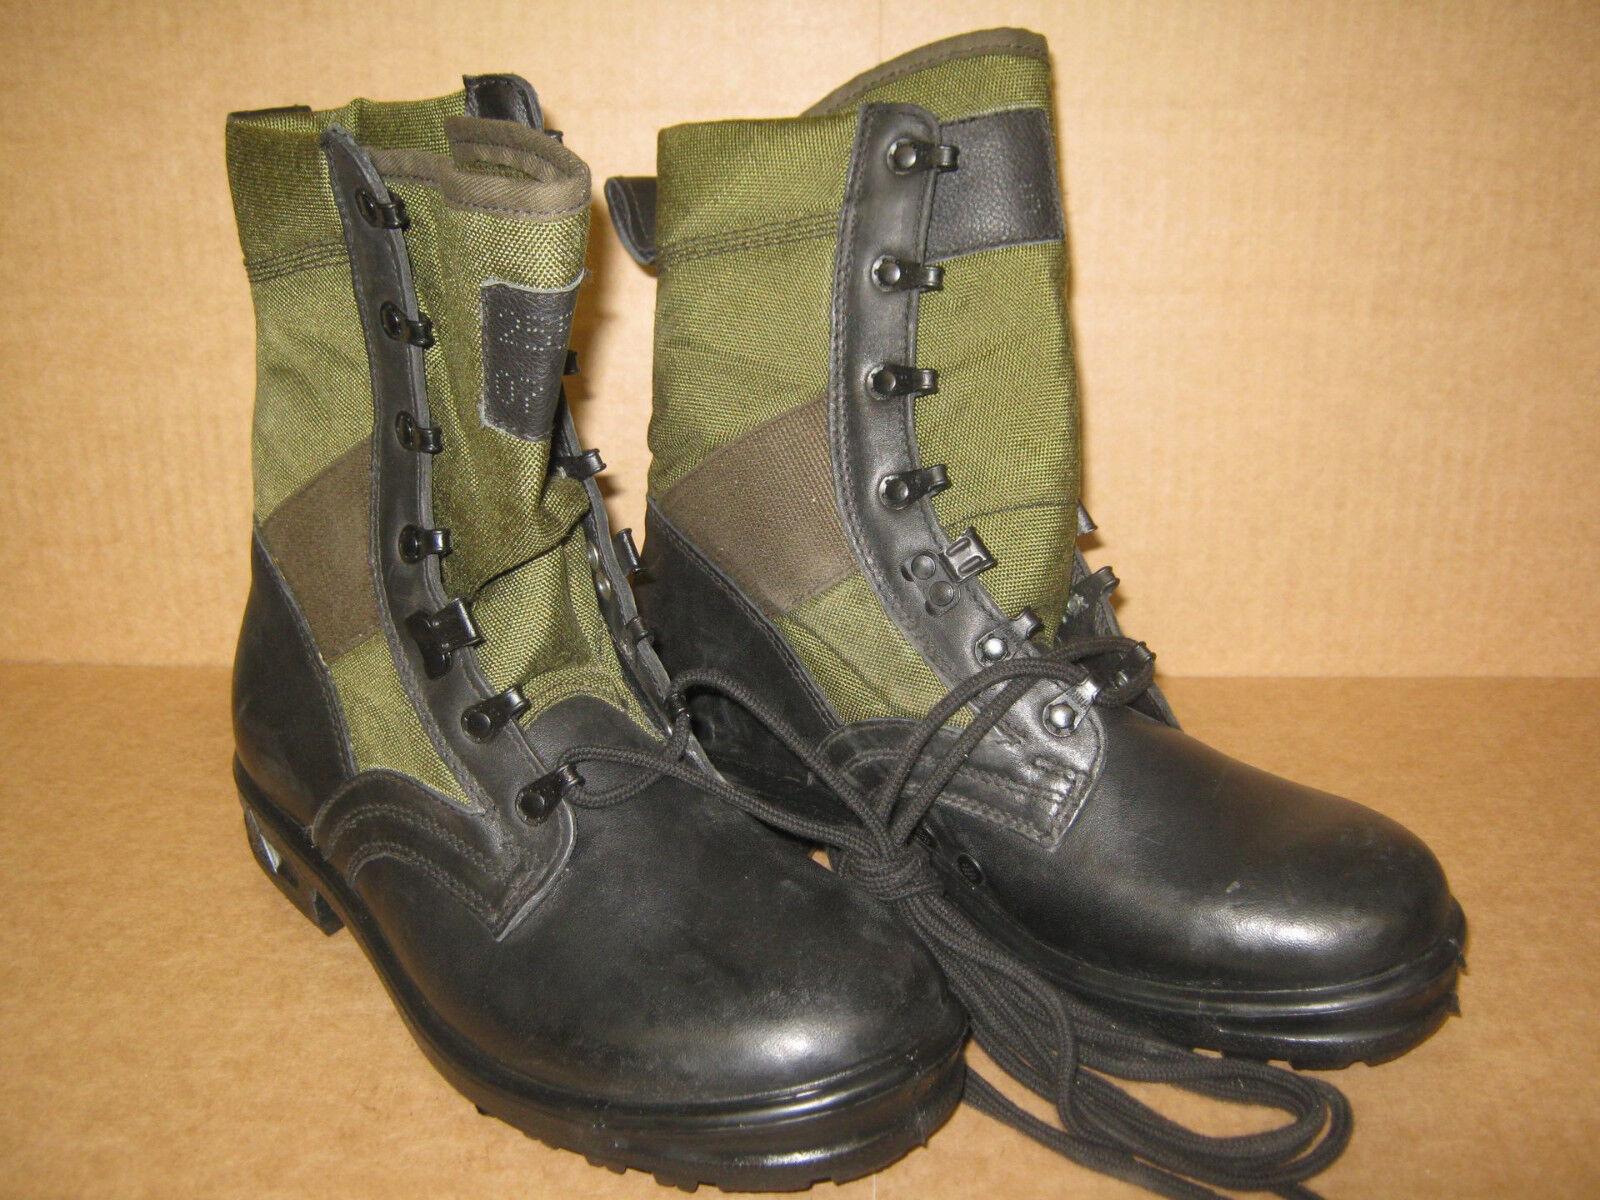 Orig. BW botas DE COMBATE Tropical Caliente húmedo NUEVO